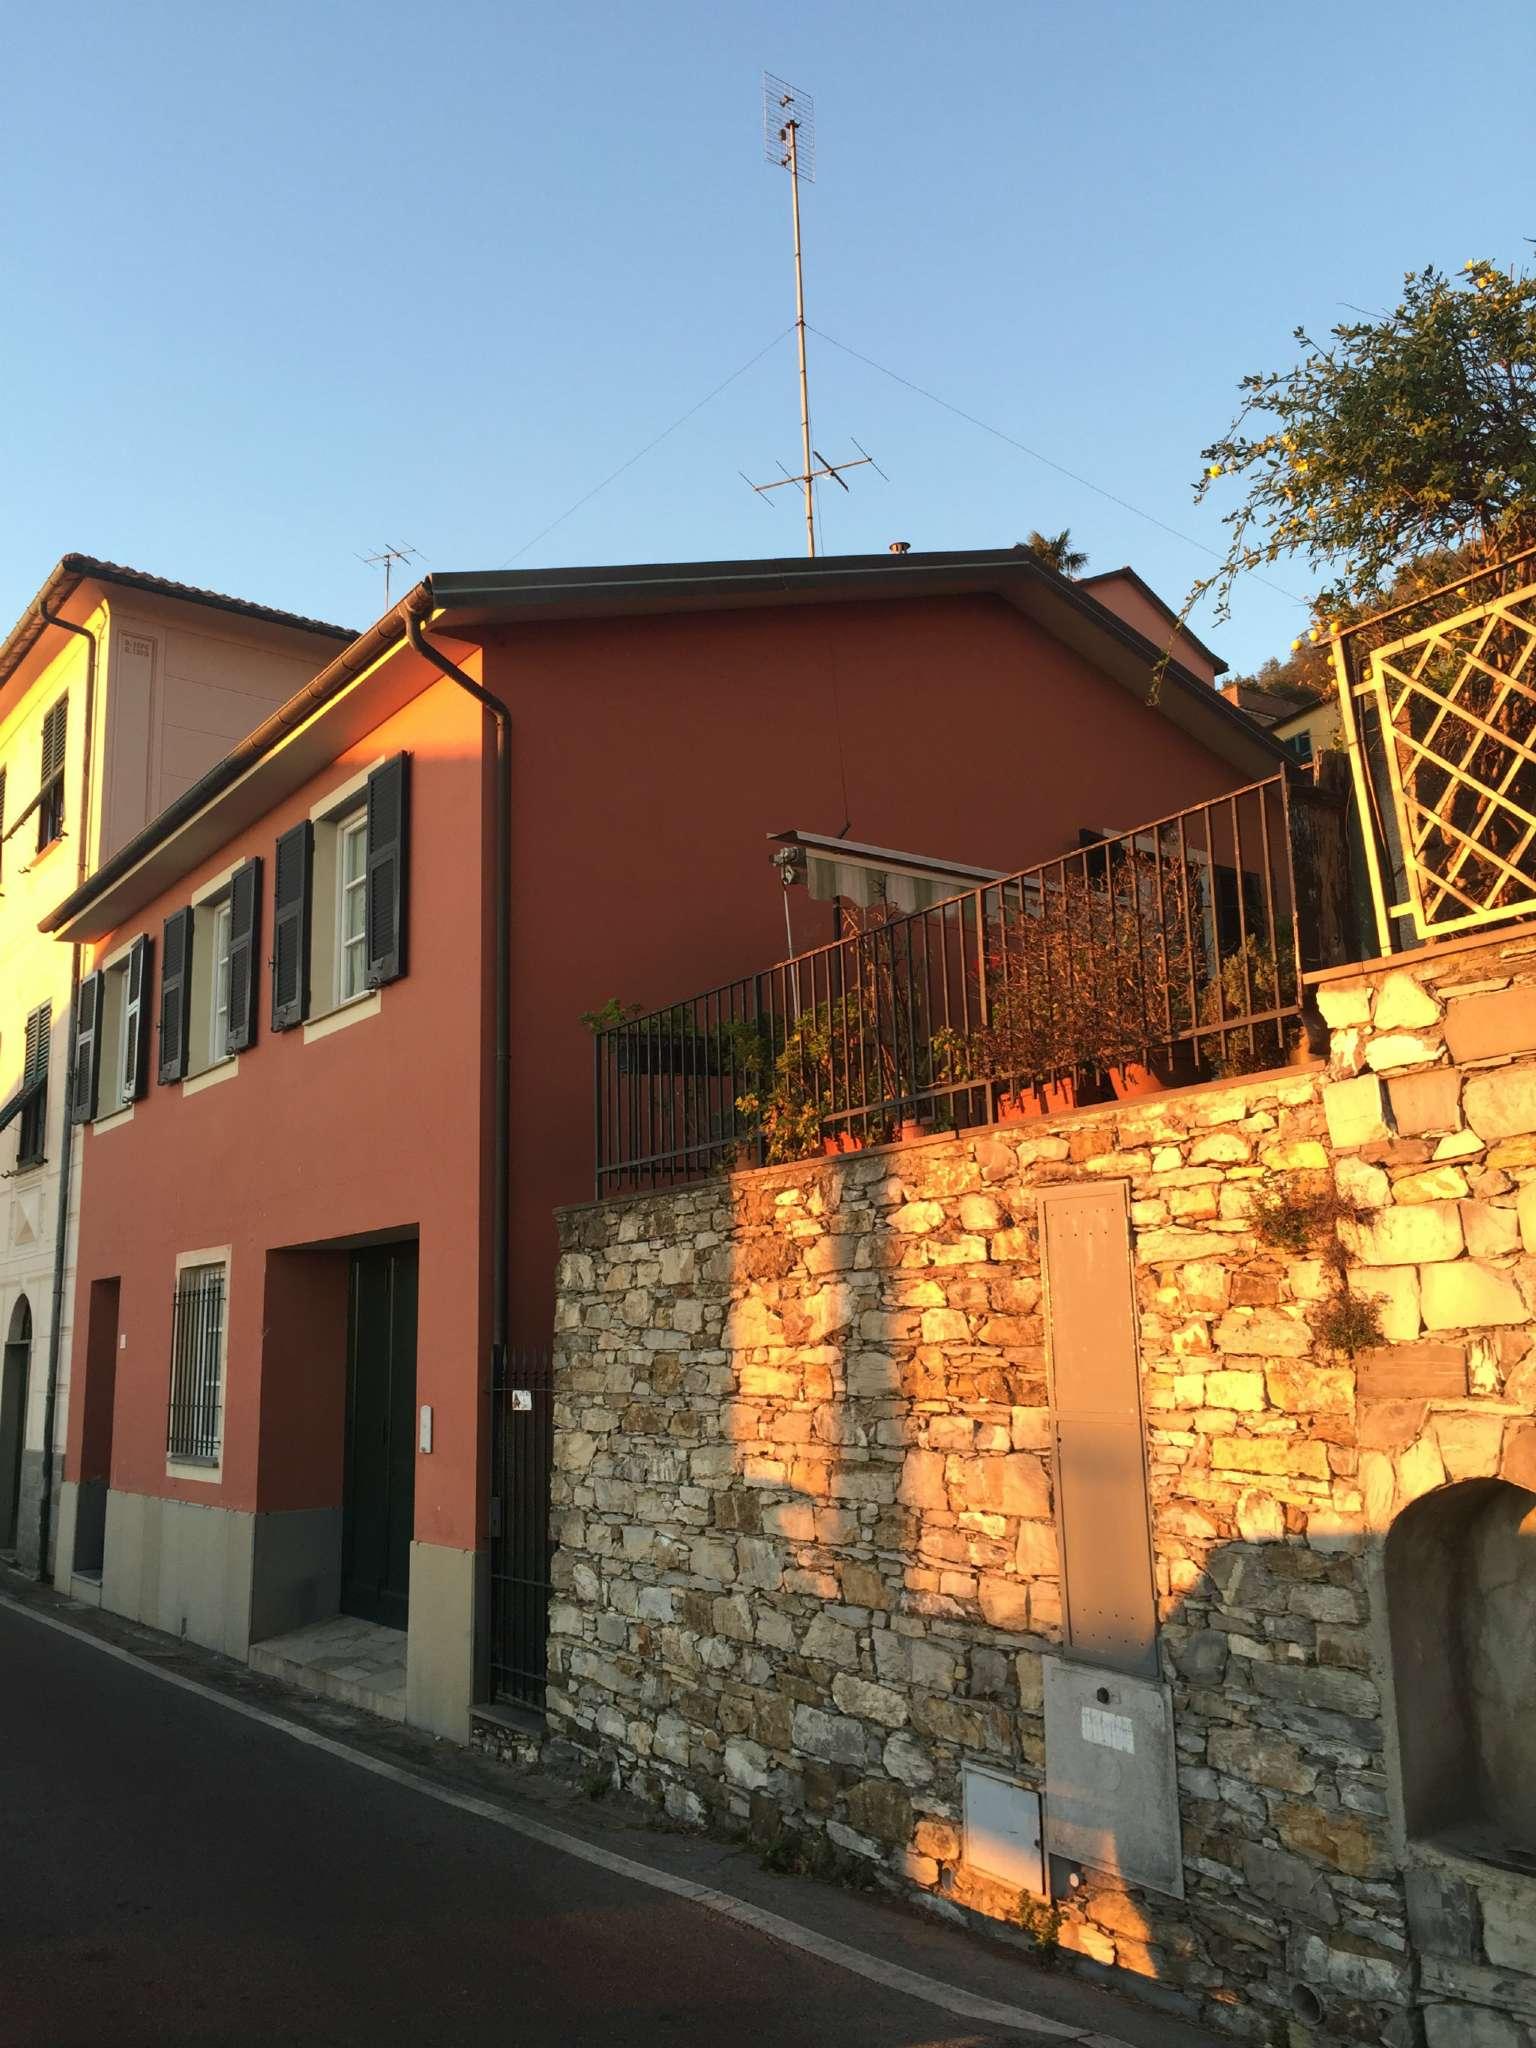 Palazzo / Stabile in vendita a Chiavari, 6 locali, prezzo € 540.000 | CambioCasa.it